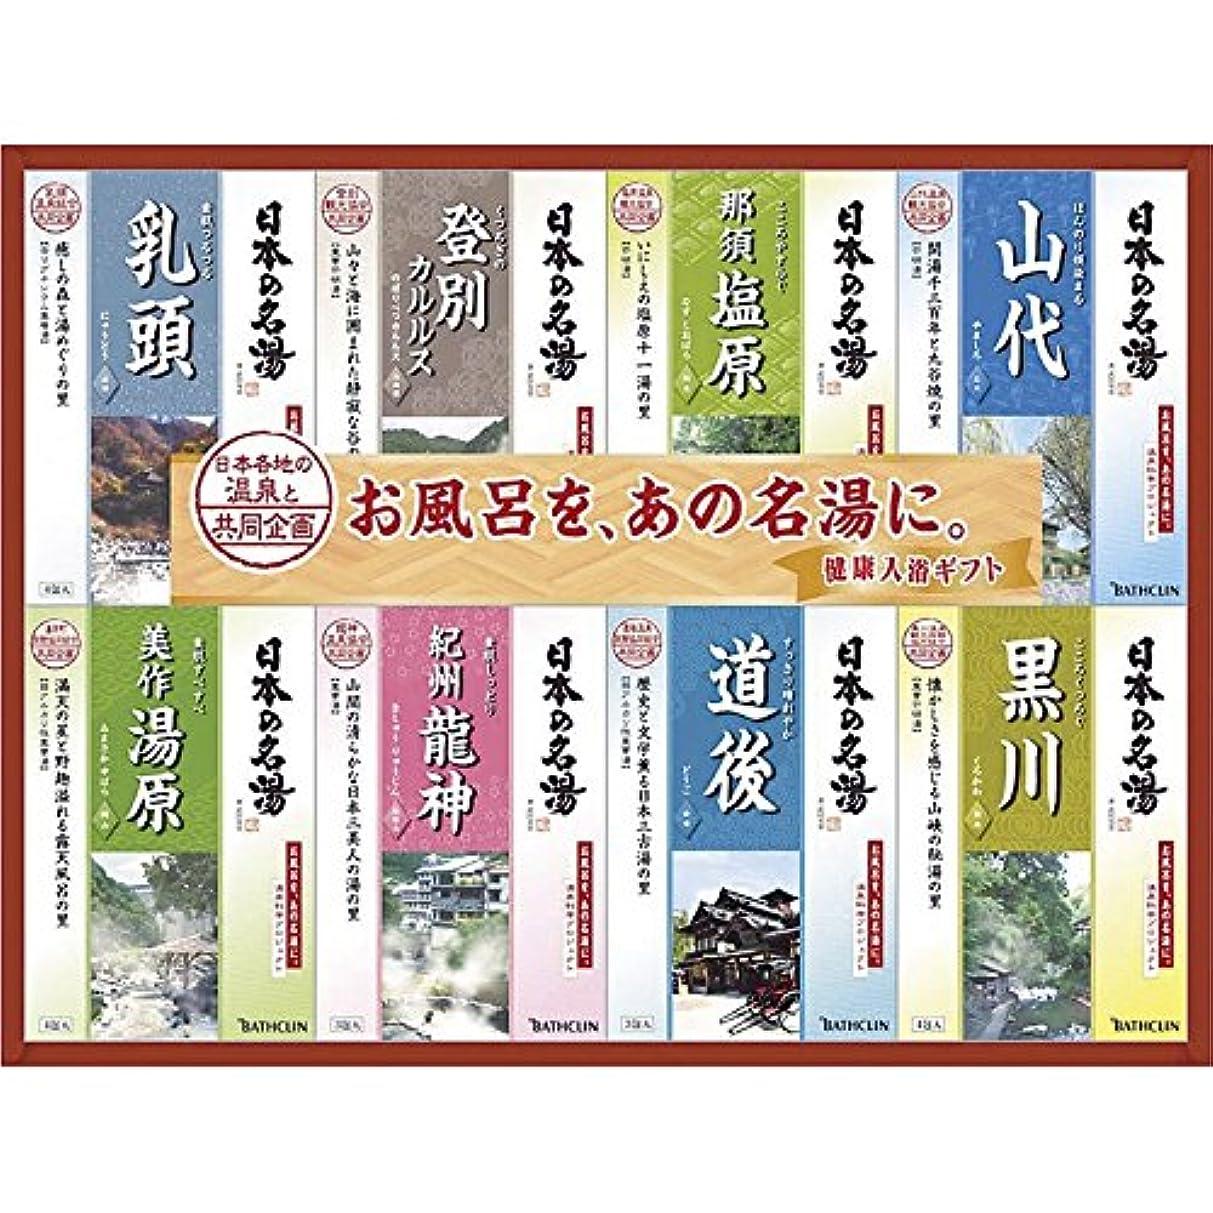 空多用途開示するバスクリン 日本の名湯 ギフトセット 【保湿 ギフト 温泉 発汗 セット あったまる いろいろ うるおい うるおう しっとり すべすべ はっかん 極楽 ごくらく ゆったり ばすくりん 3000】